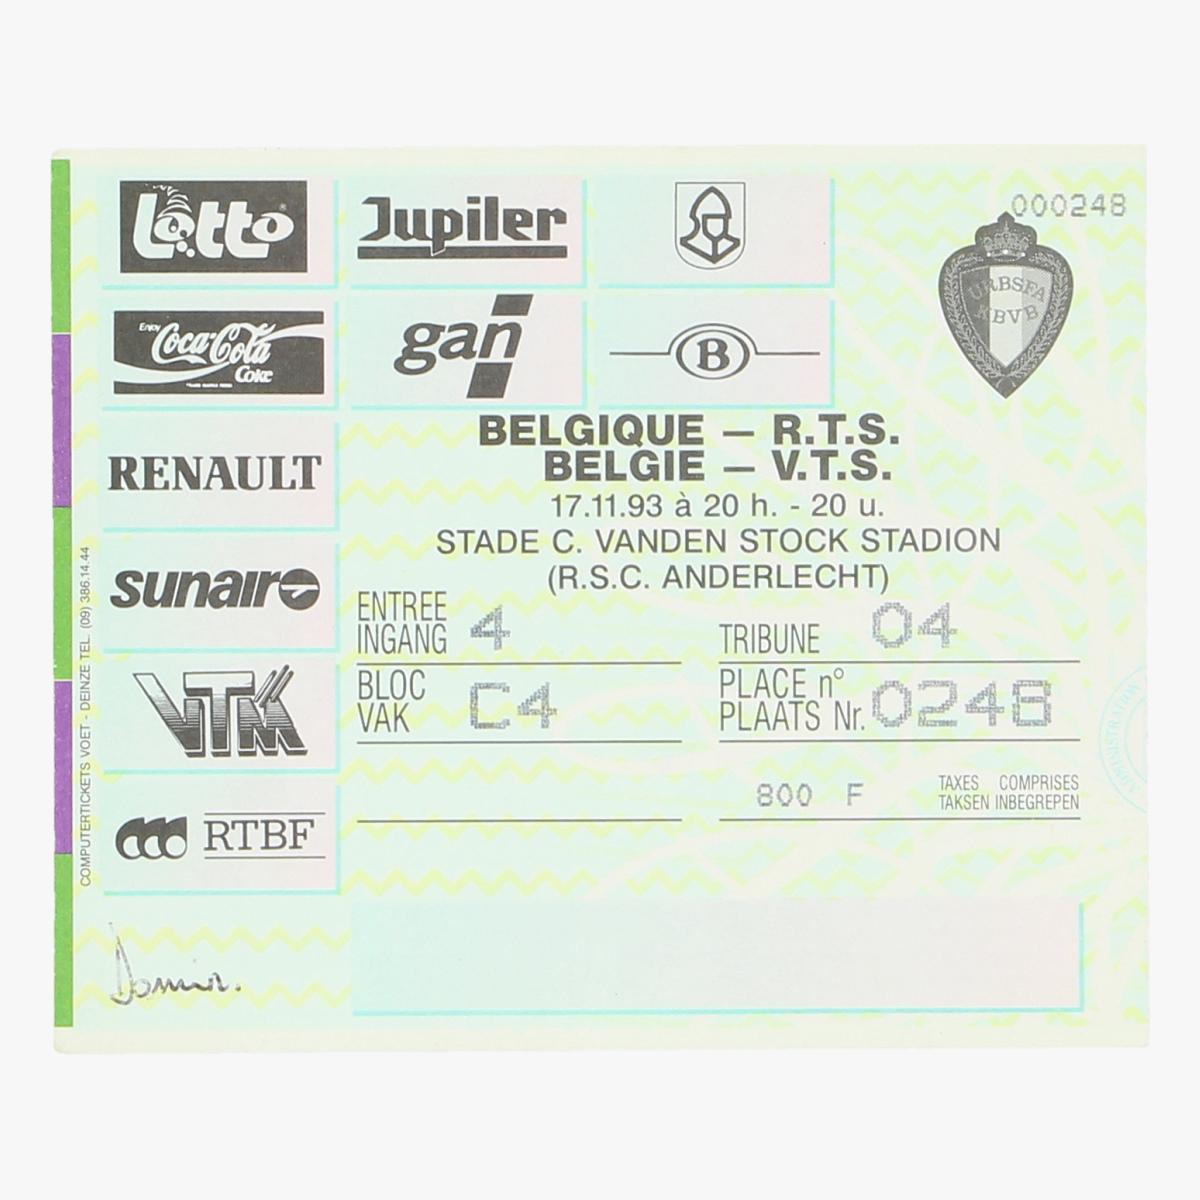 Afbeeldingen van voetbalticket Belgie-R.T.S 17.11.1993